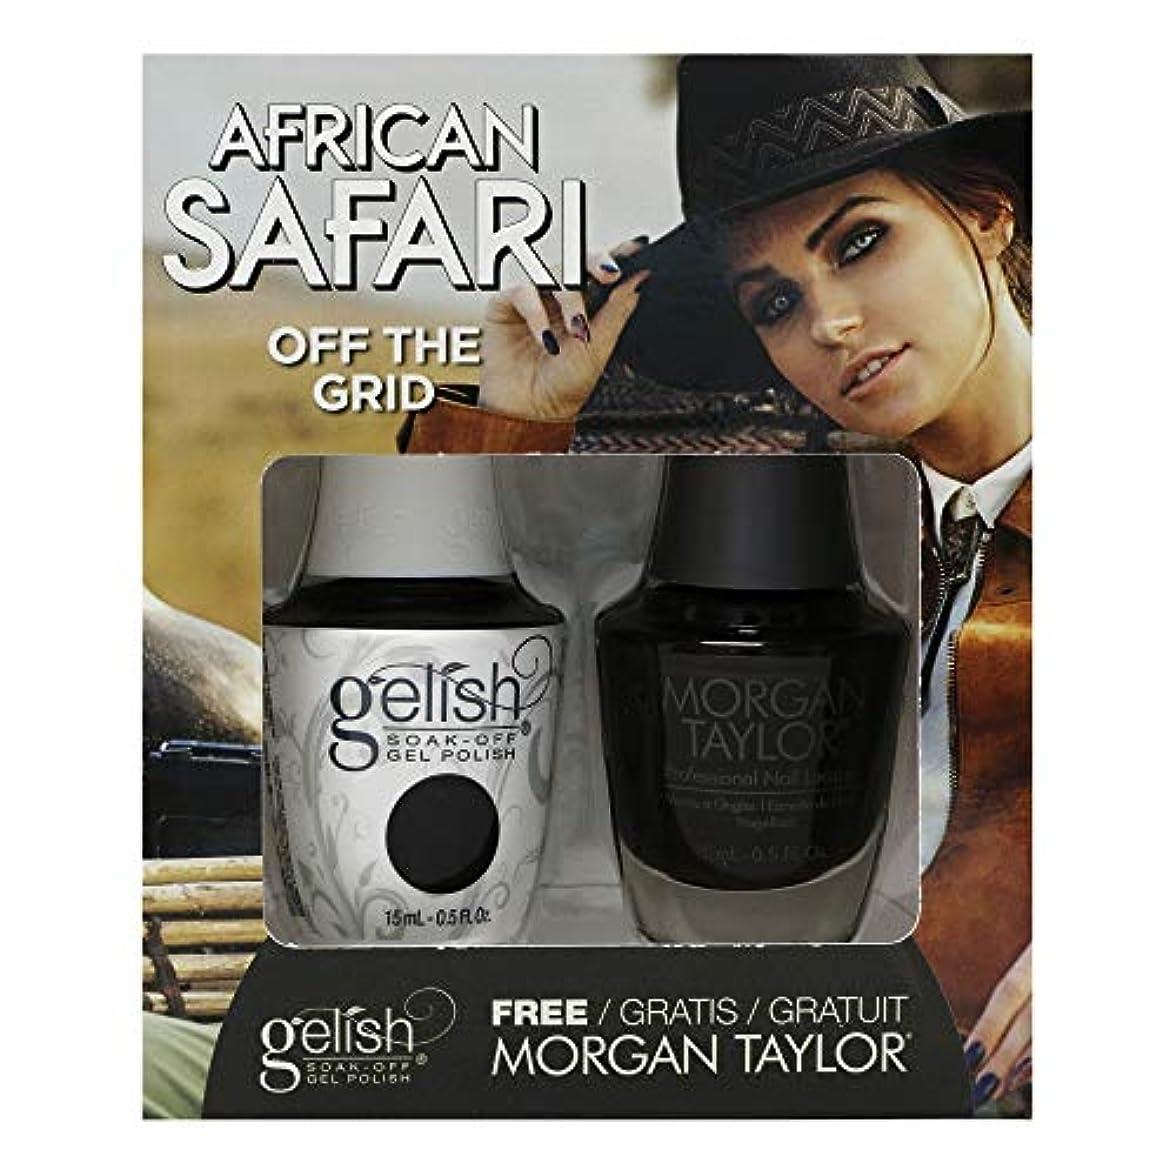 いまほのめかすパーツGelish - Two of a Kind - African Safari Collection - Off The Grid